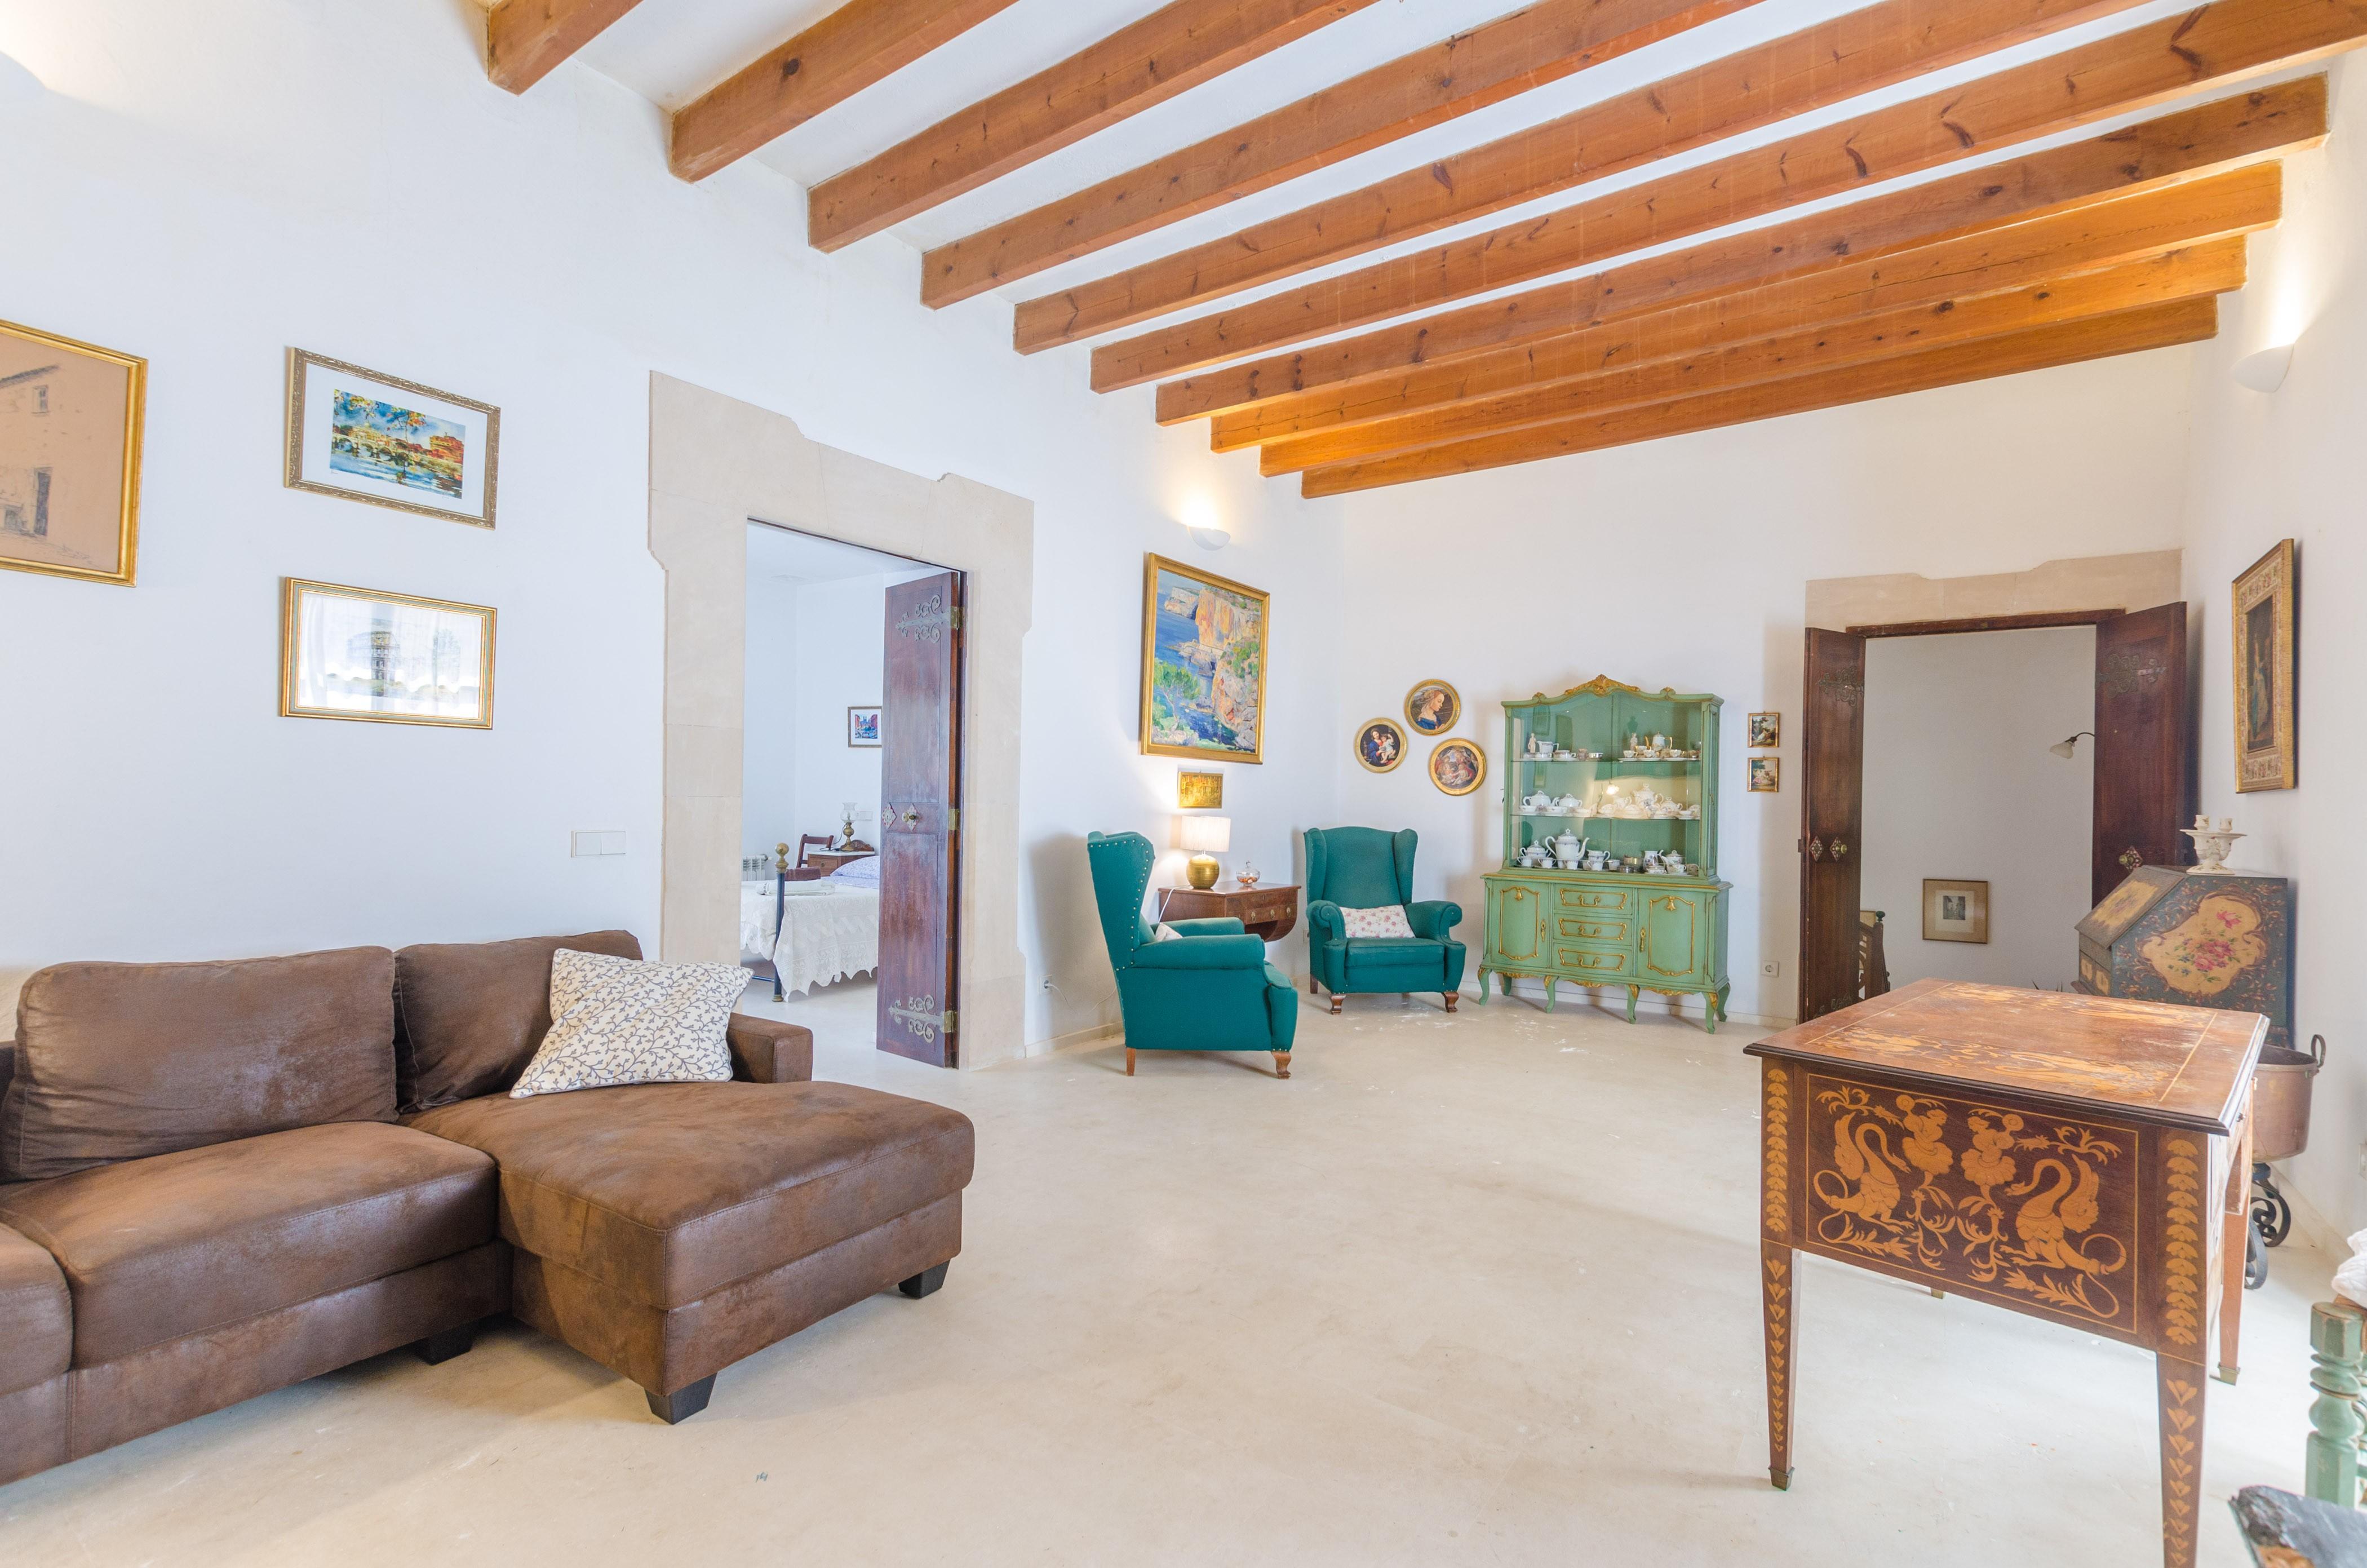 ferienhaus santanyi mit pool f r bis zu 12 personen mieten. Black Bedroom Furniture Sets. Home Design Ideas